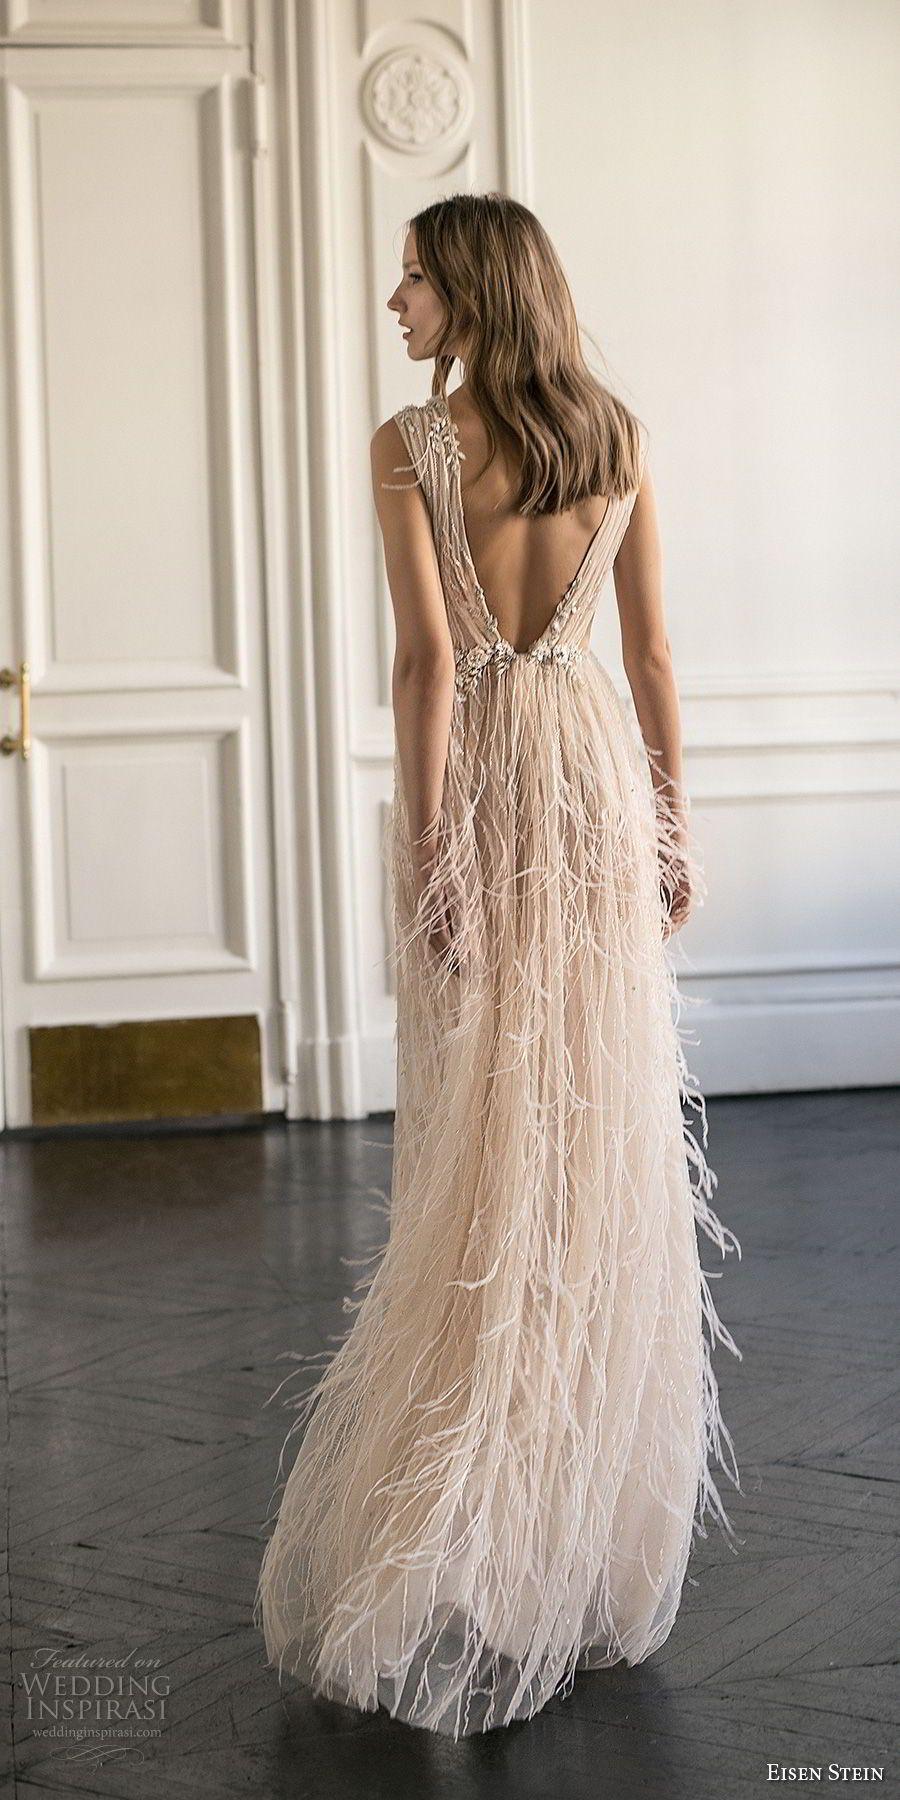 Eisen stein wedding dress u blush bridal collection vestuario